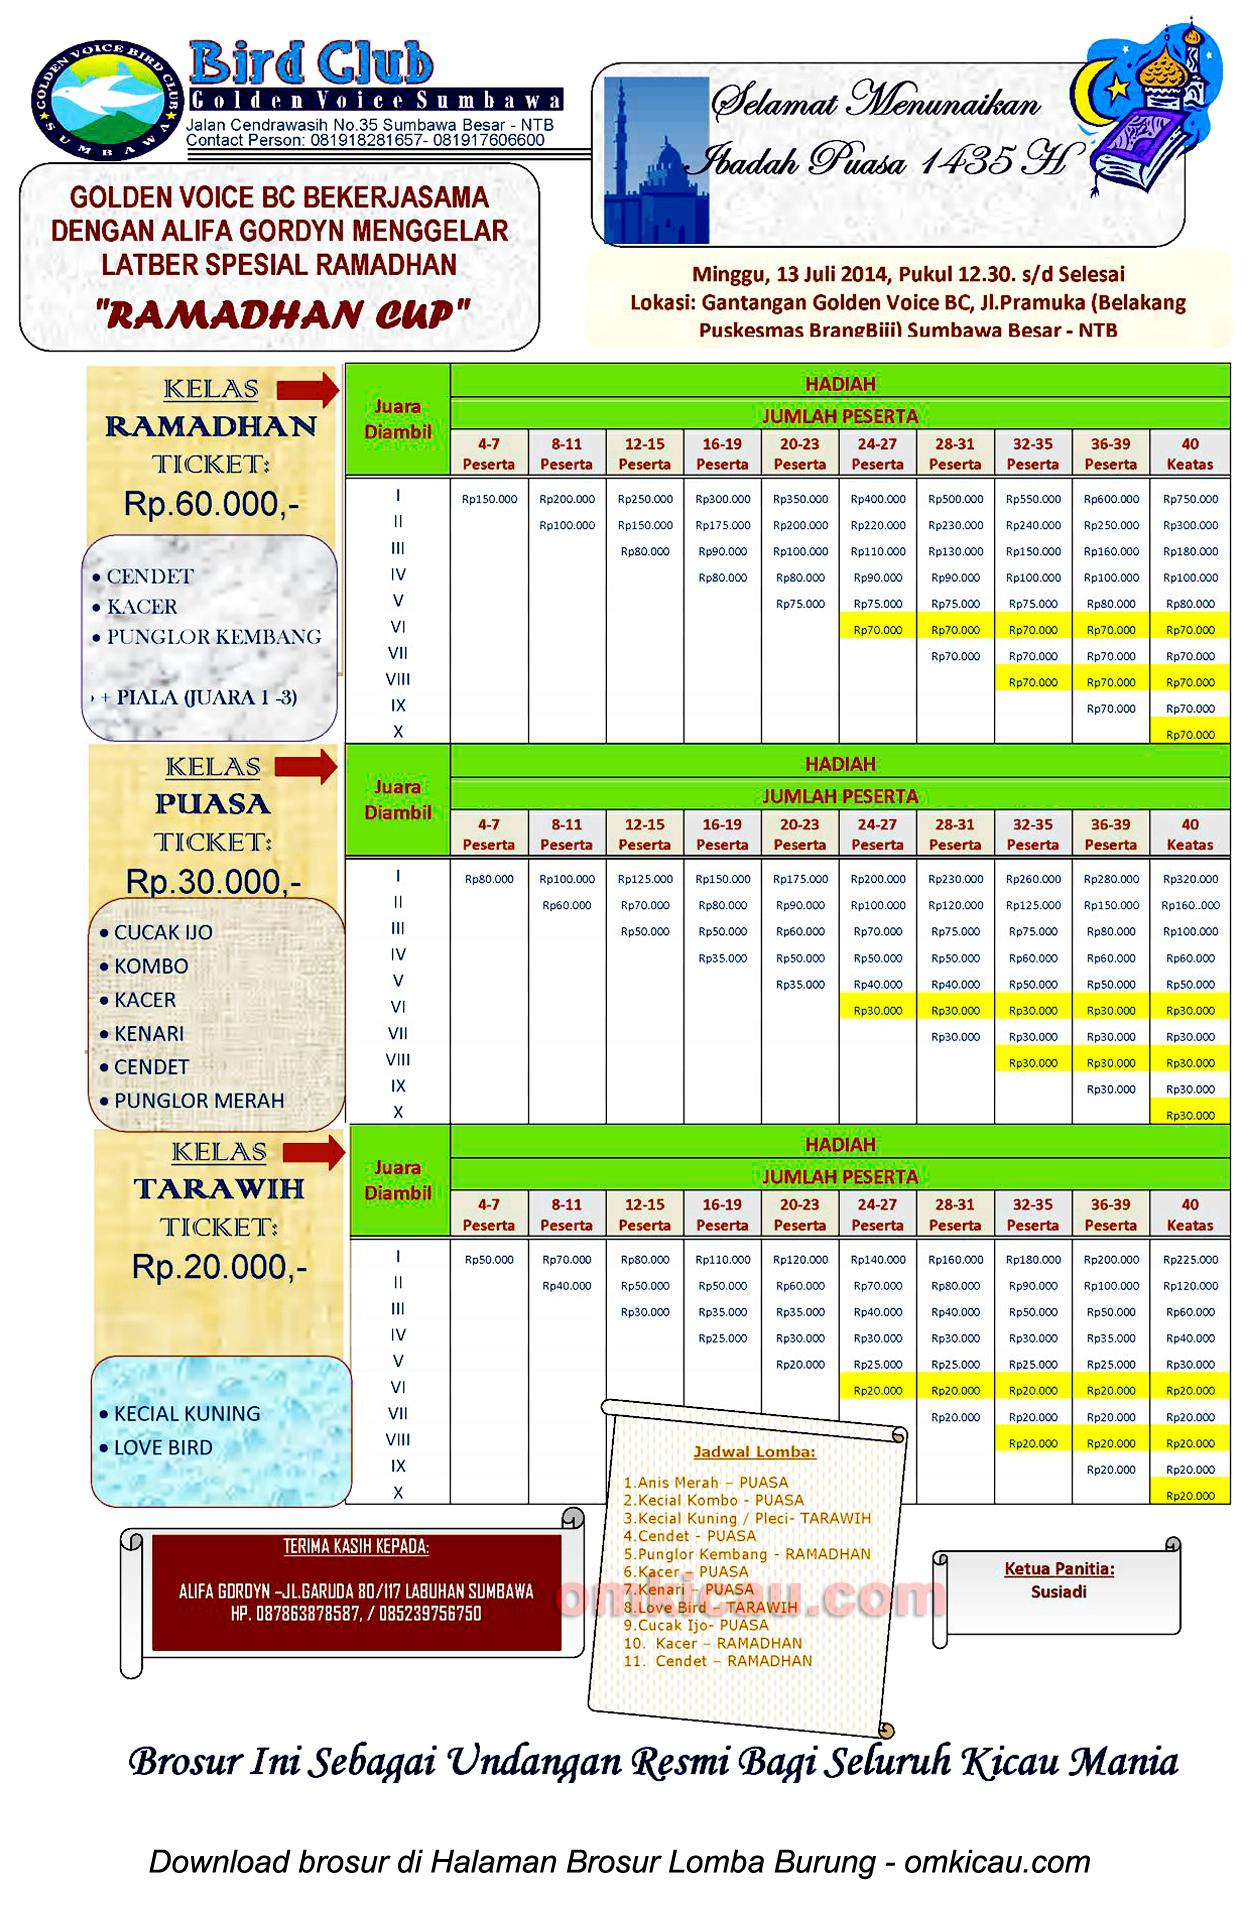 Ramadhan Cup - Golden Voice BC, Sumbawa Besar, 13 Juli 2014